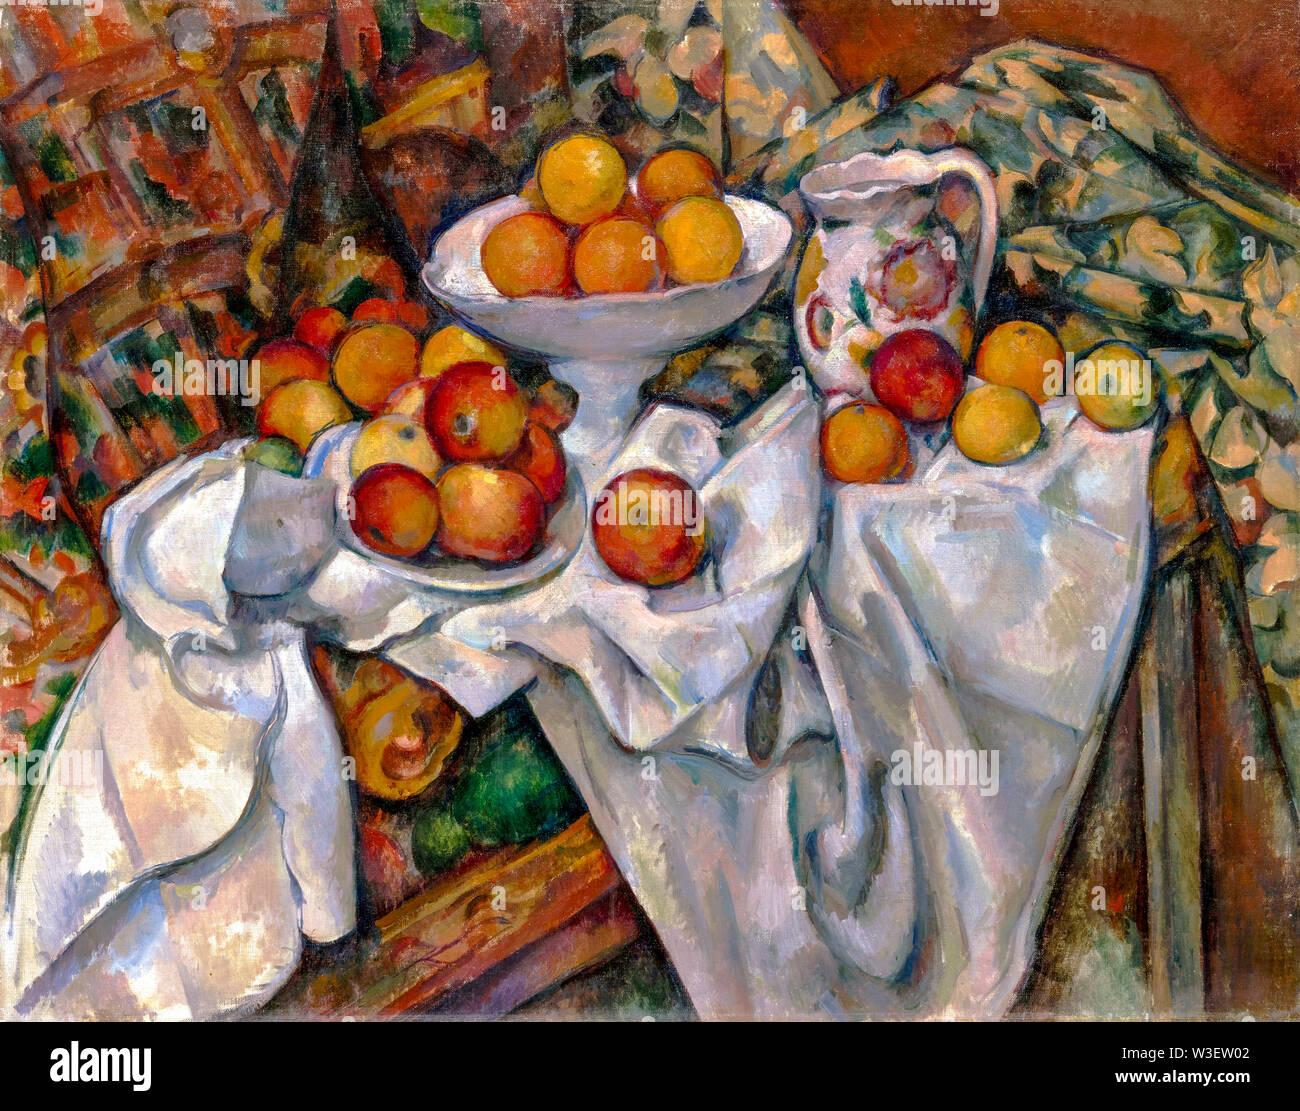 Paul Cézanne, manzanas y naranjas, bodegón pintura, 1895-1900 Imagen De Stock